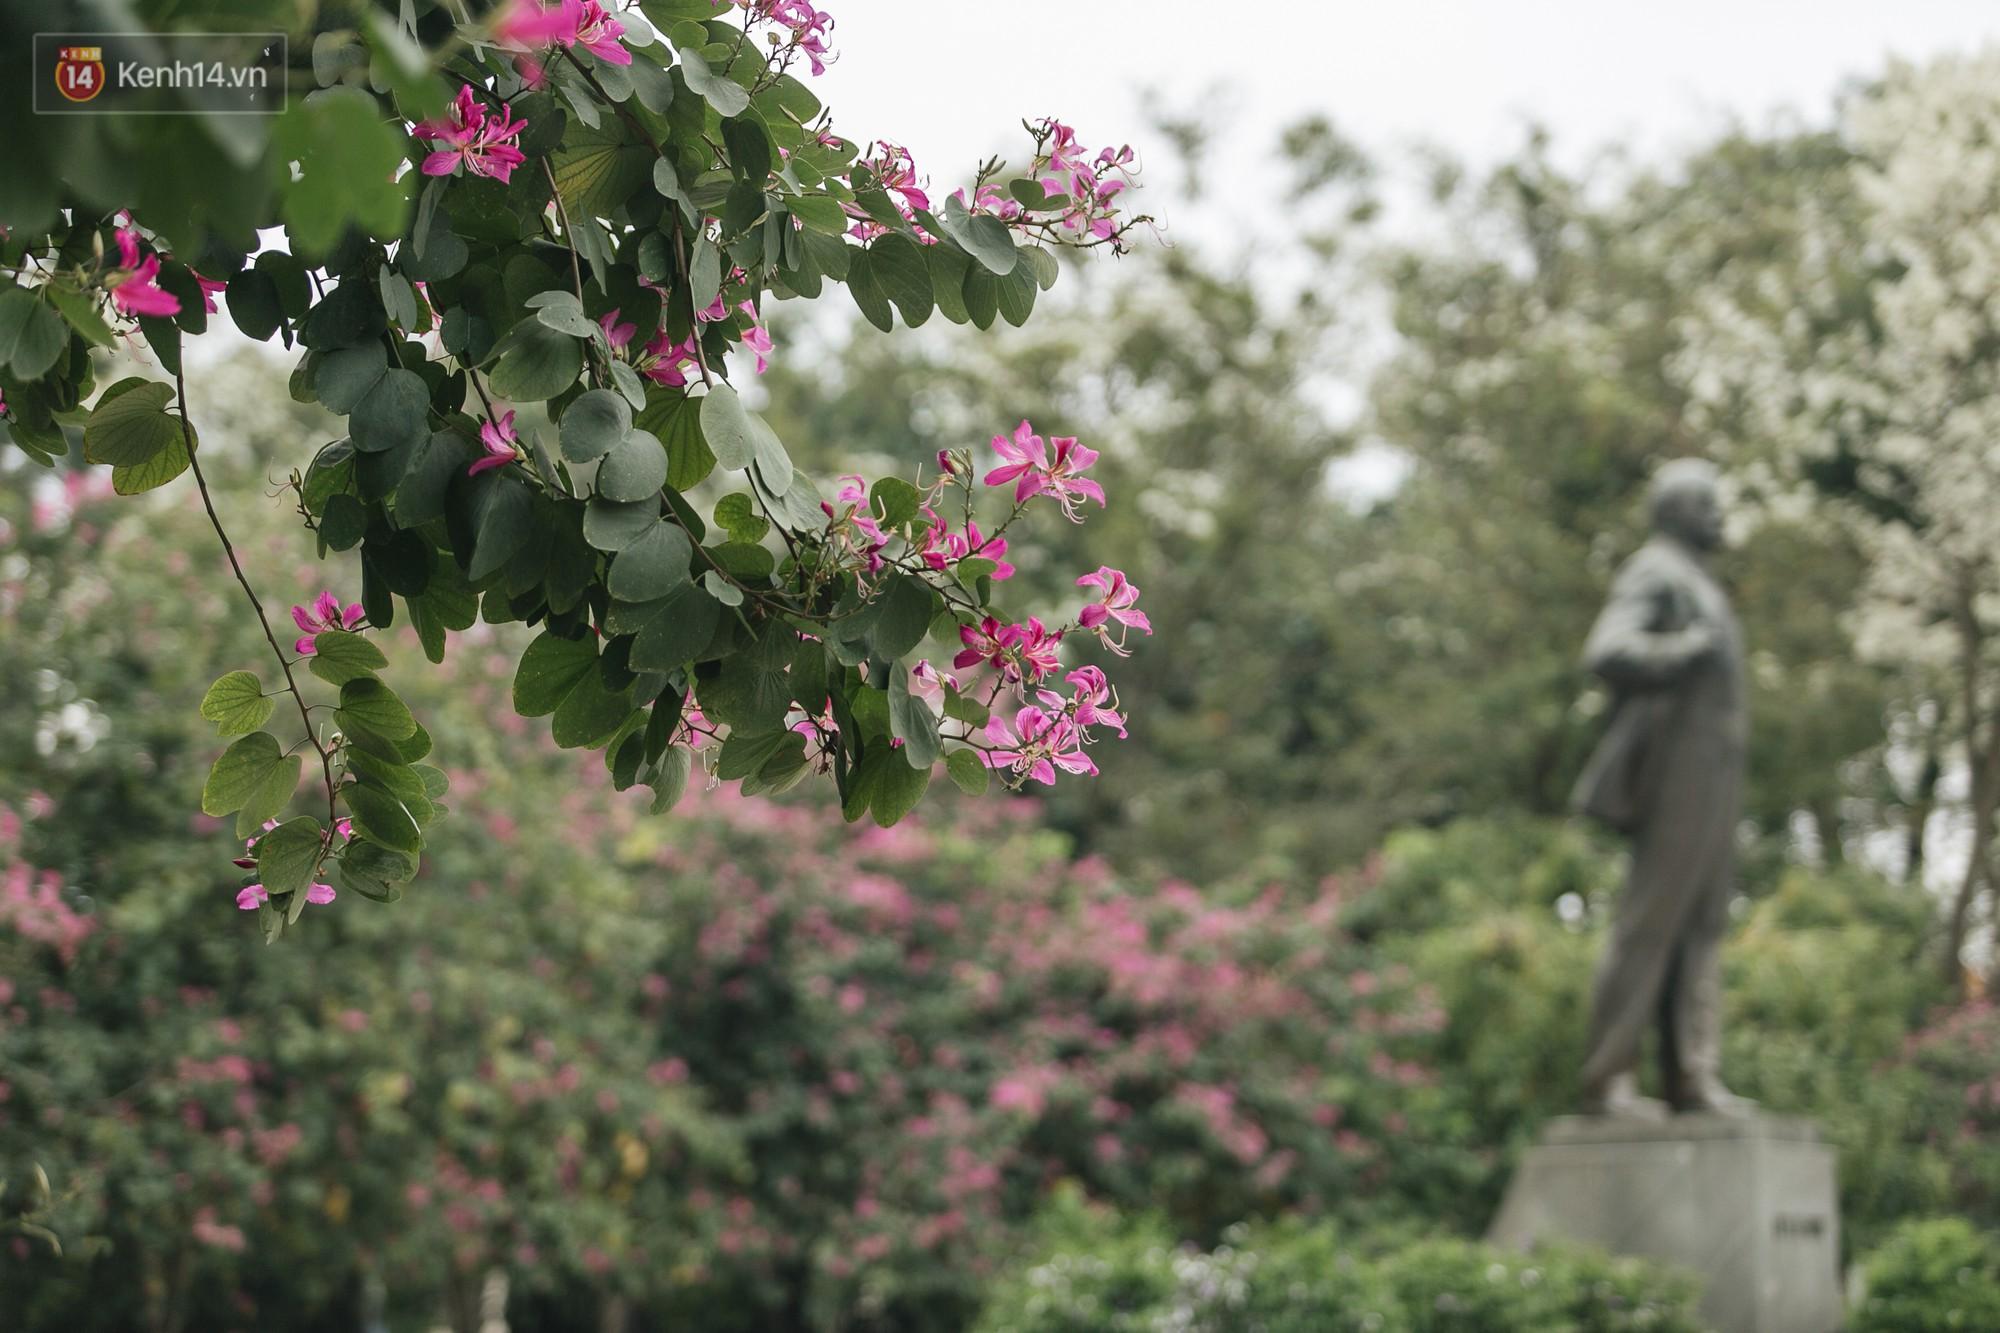 Không cần lên Tây Bắc, hoa ban vẫn bừng nở giữa đất trời Hà Nội cho người dân thỏa sức check-in - Ảnh 3.